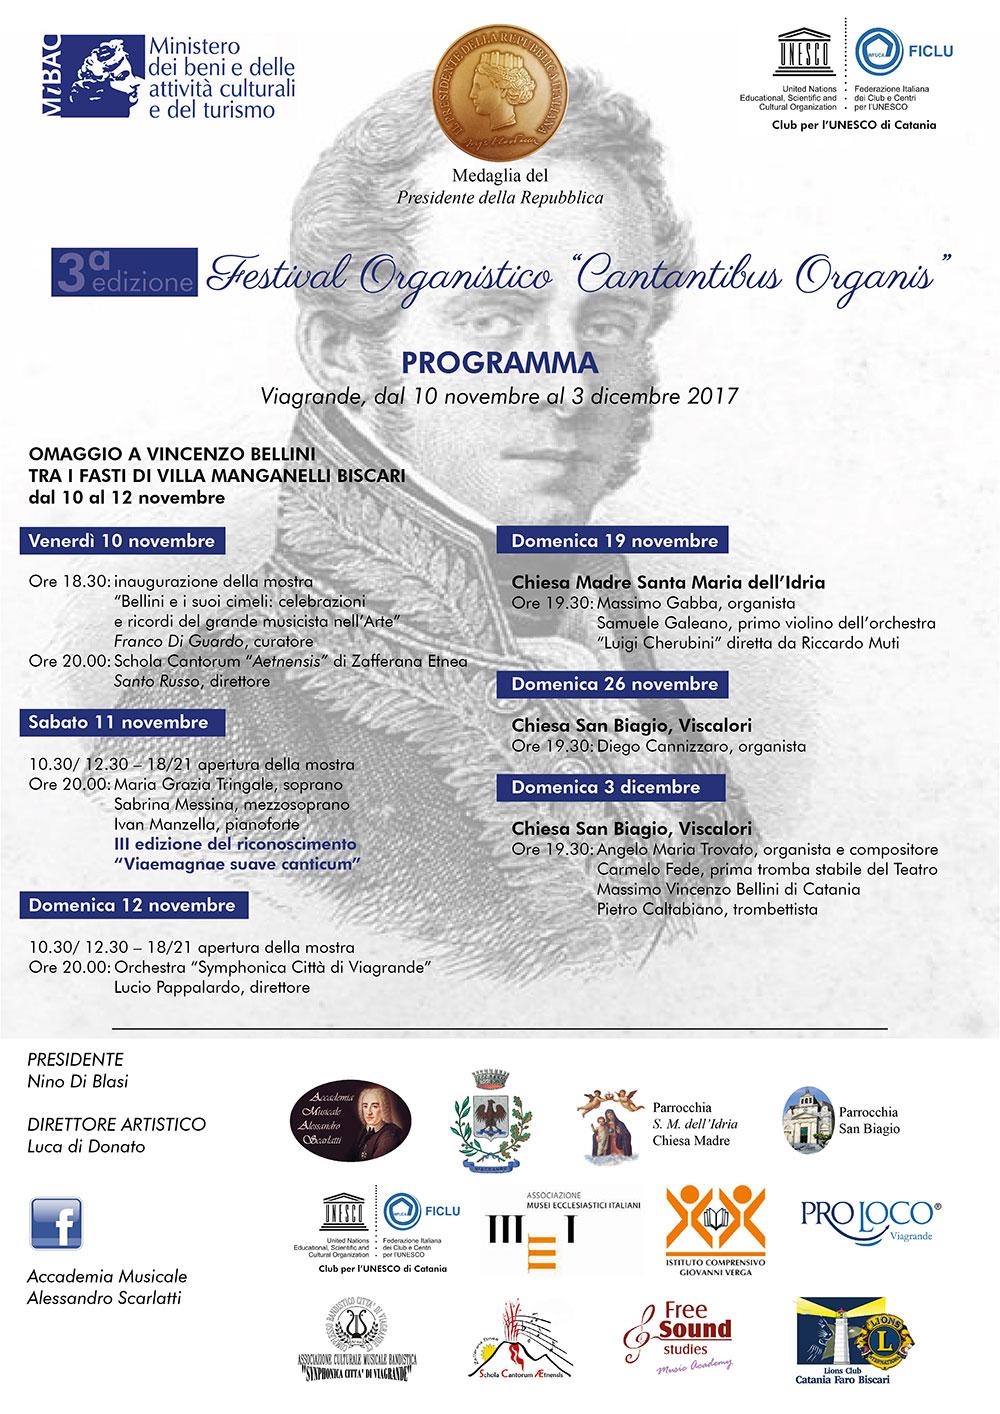 """Viagrande. Al via la terza edizione del Festival """"Cantantibus Organis"""". Intervista a Nino Di Blasi"""